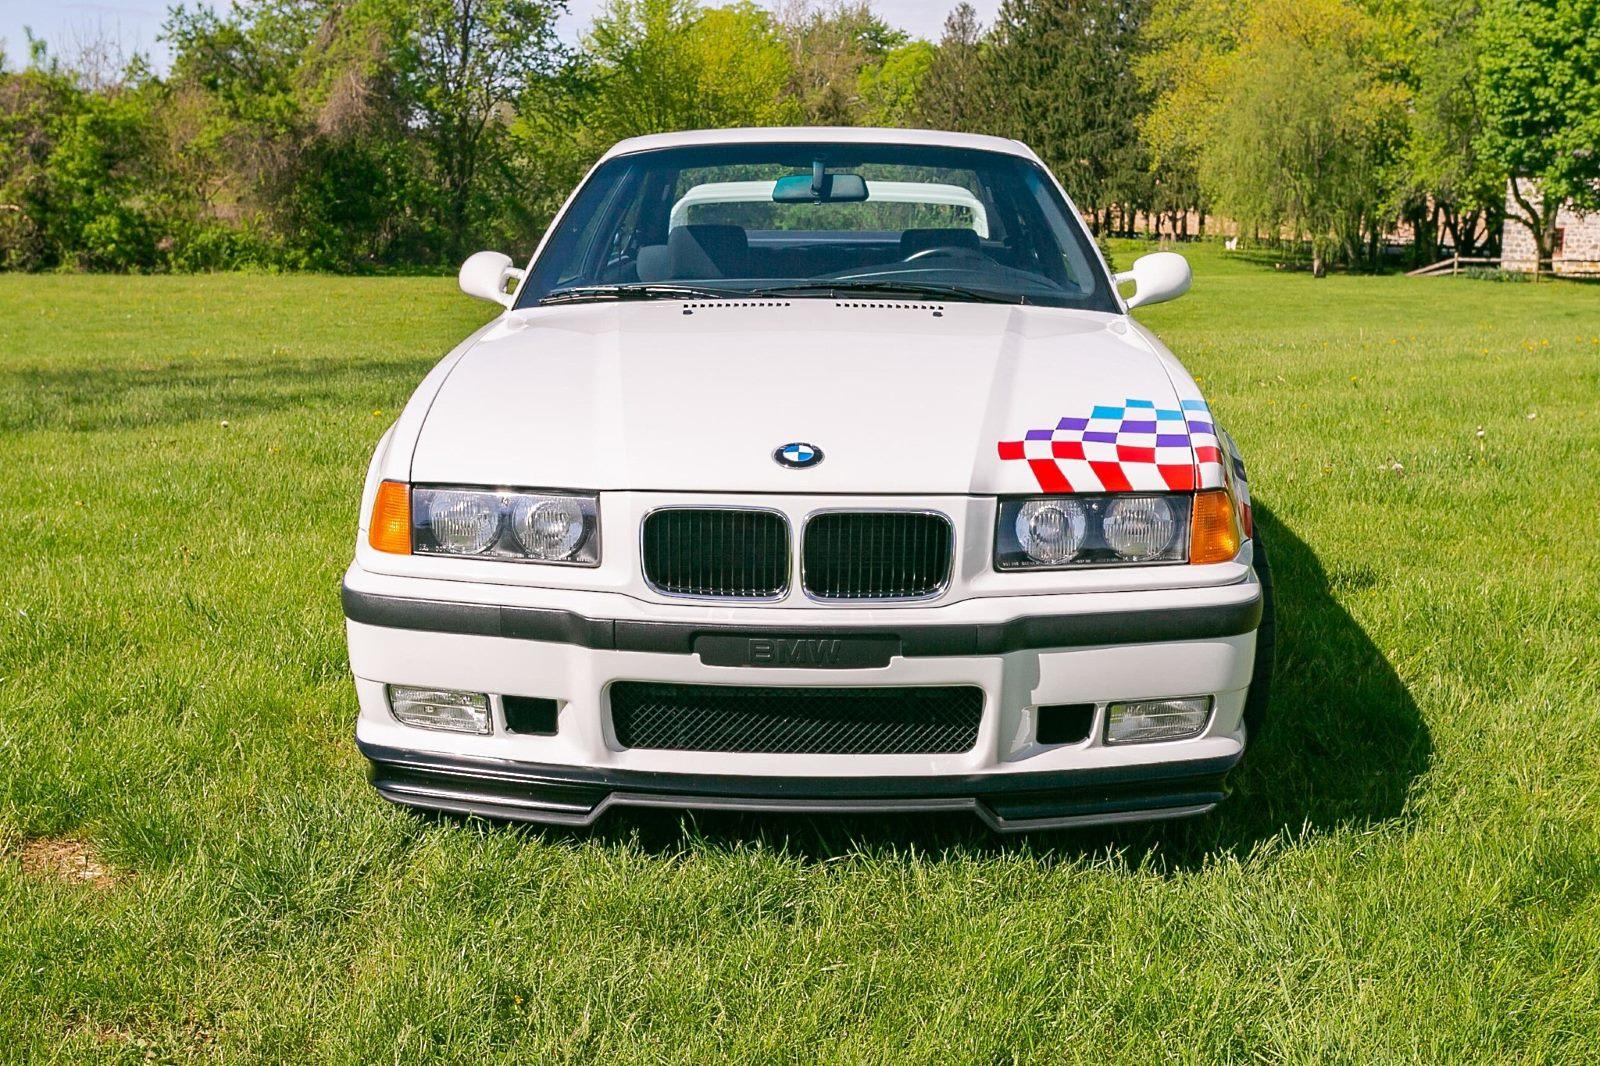 BMW M3 E36 Lightweight aukcja